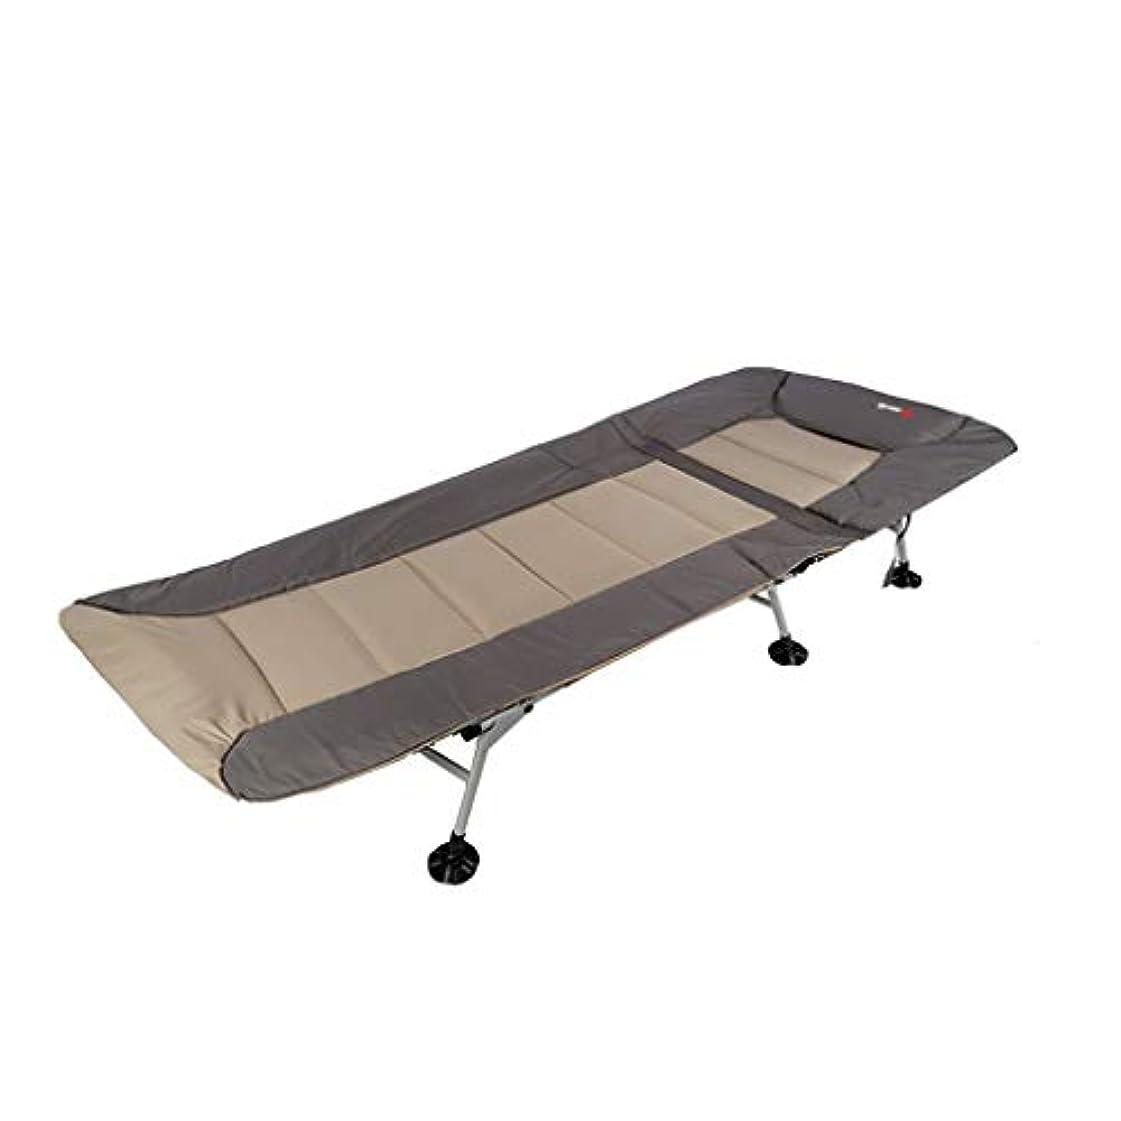 心配達成する構造屋外ポータブルシングル折りたたみベッド、オフィスラウンジチェア、シエスタベッド付きベッド (色 : クリーミーホワイト)